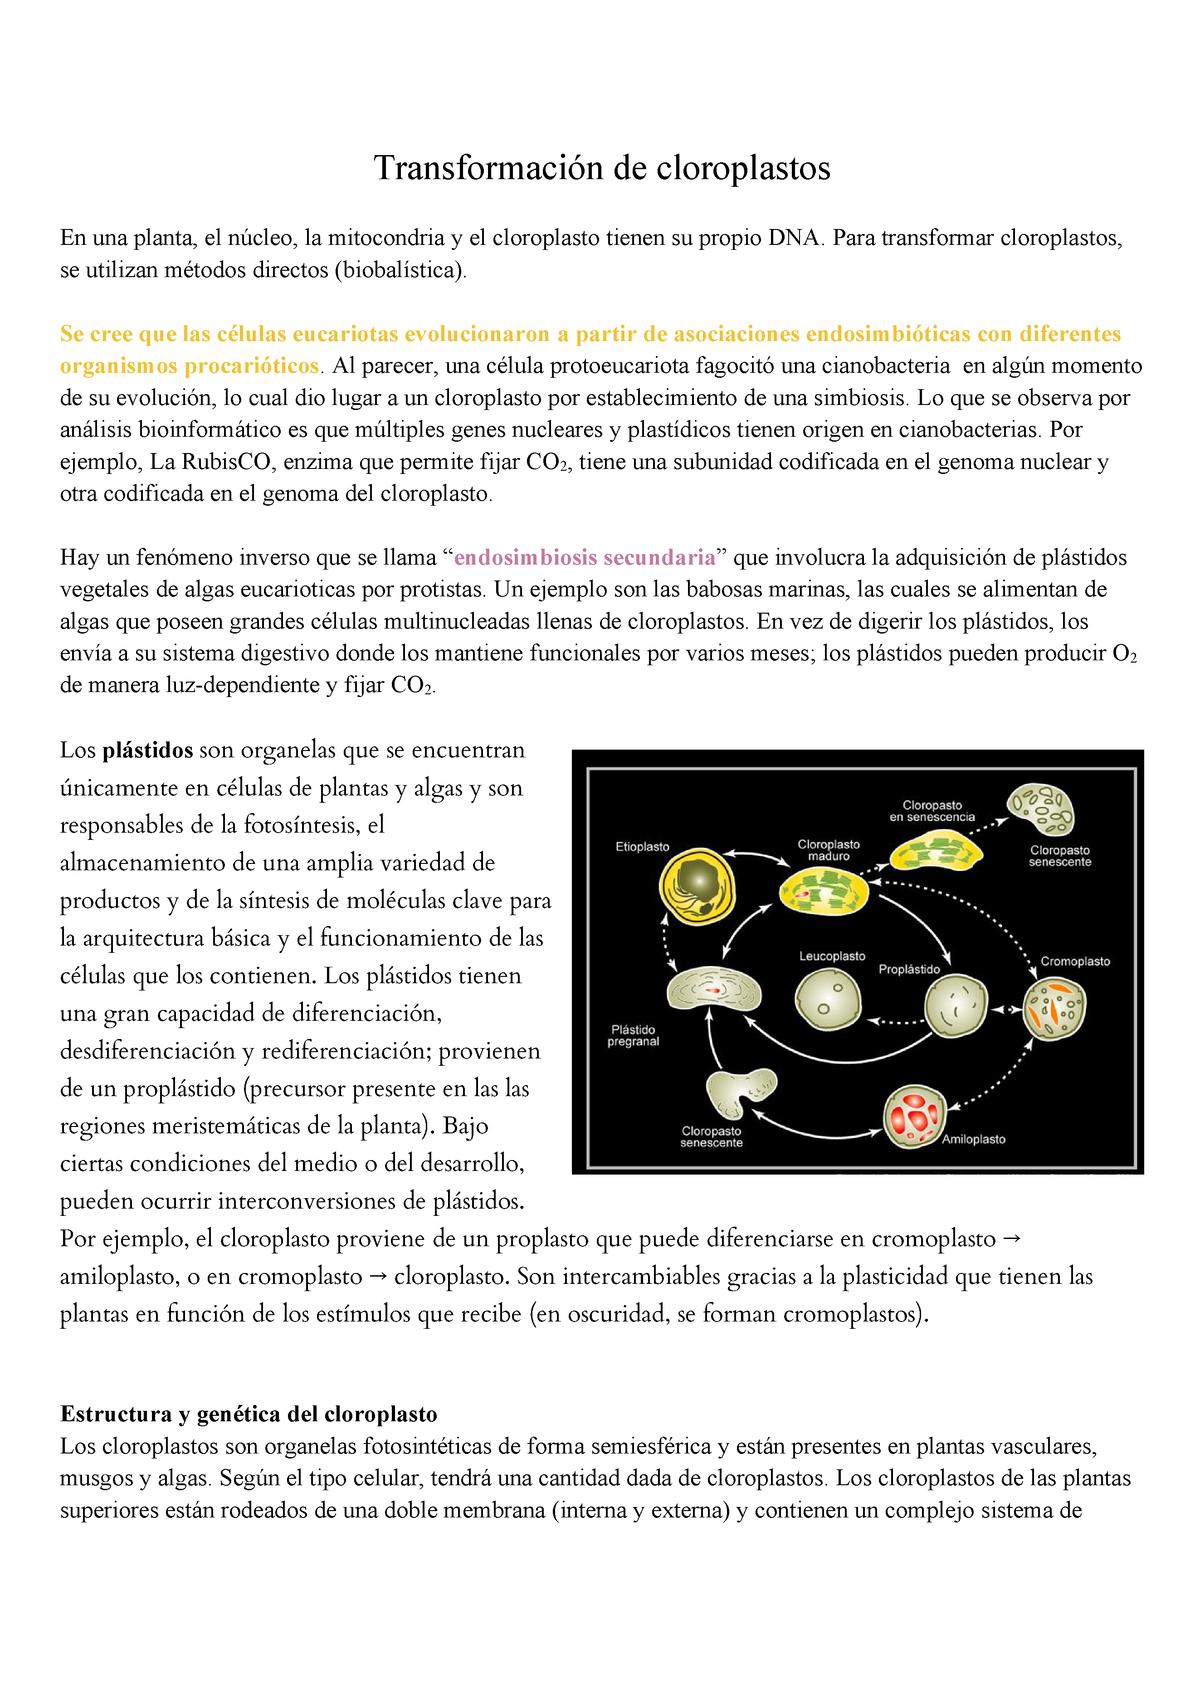 03 Transformación De Cloroplastos Biotecnología Vegetal